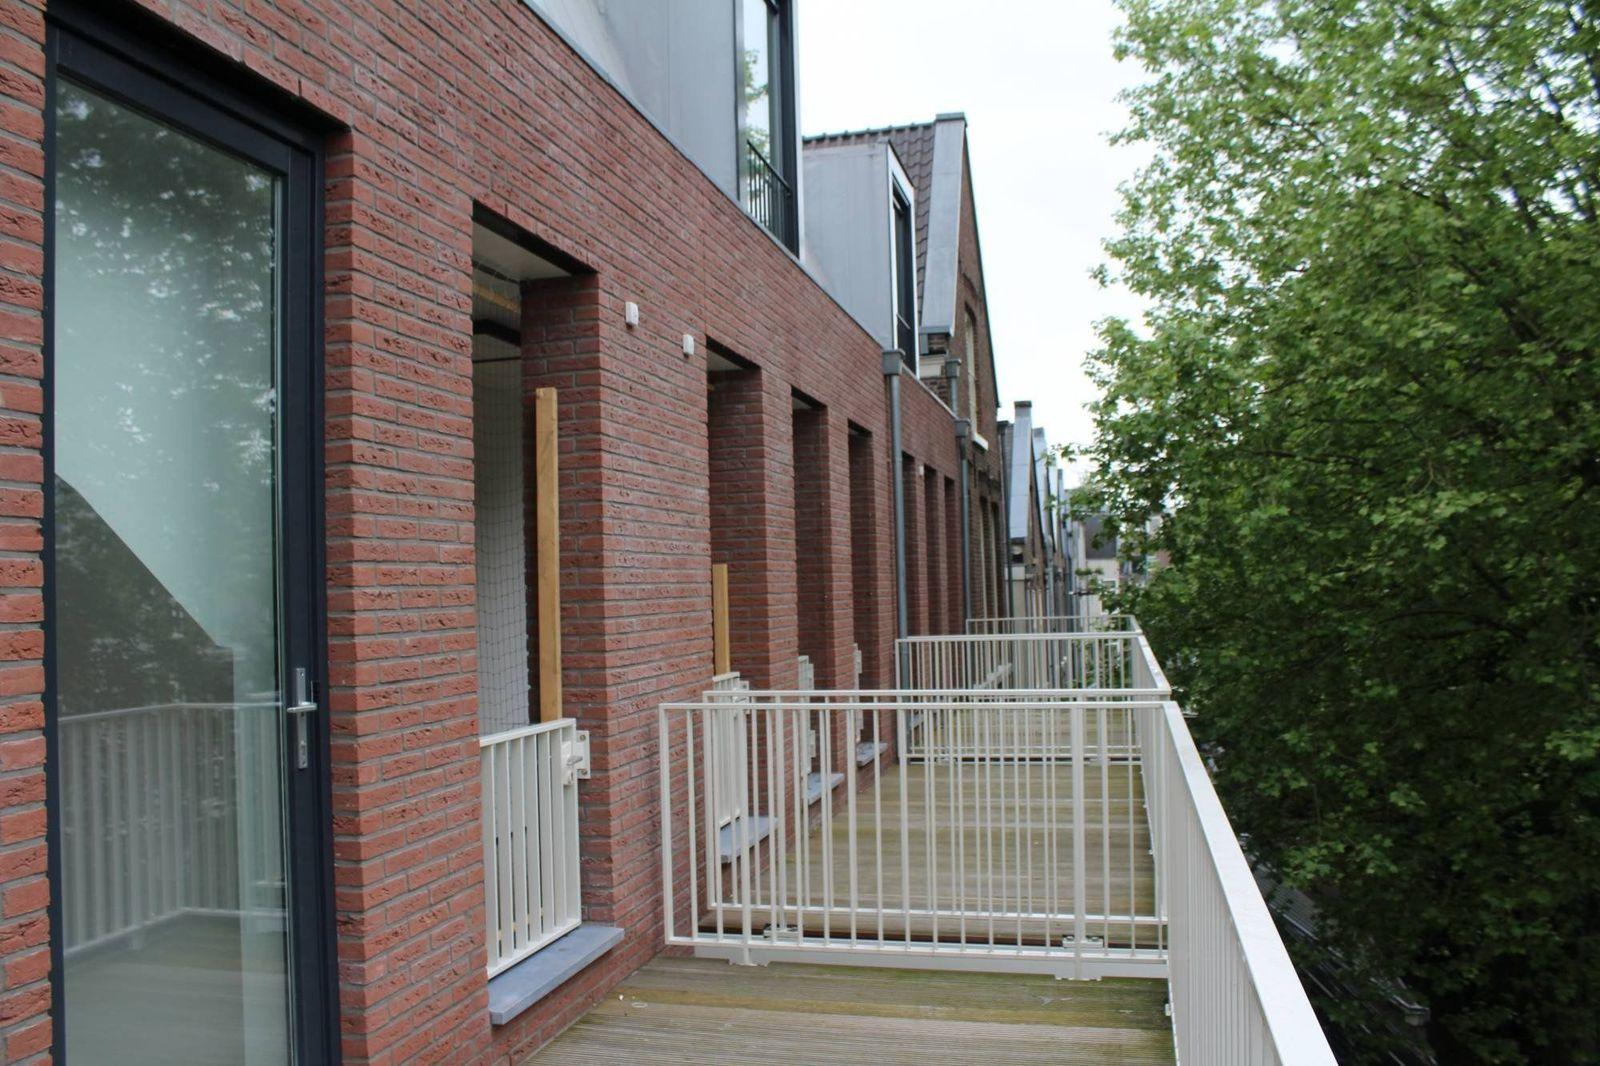 Pieter Cornelisz. Hooftstraat, Amsterdam